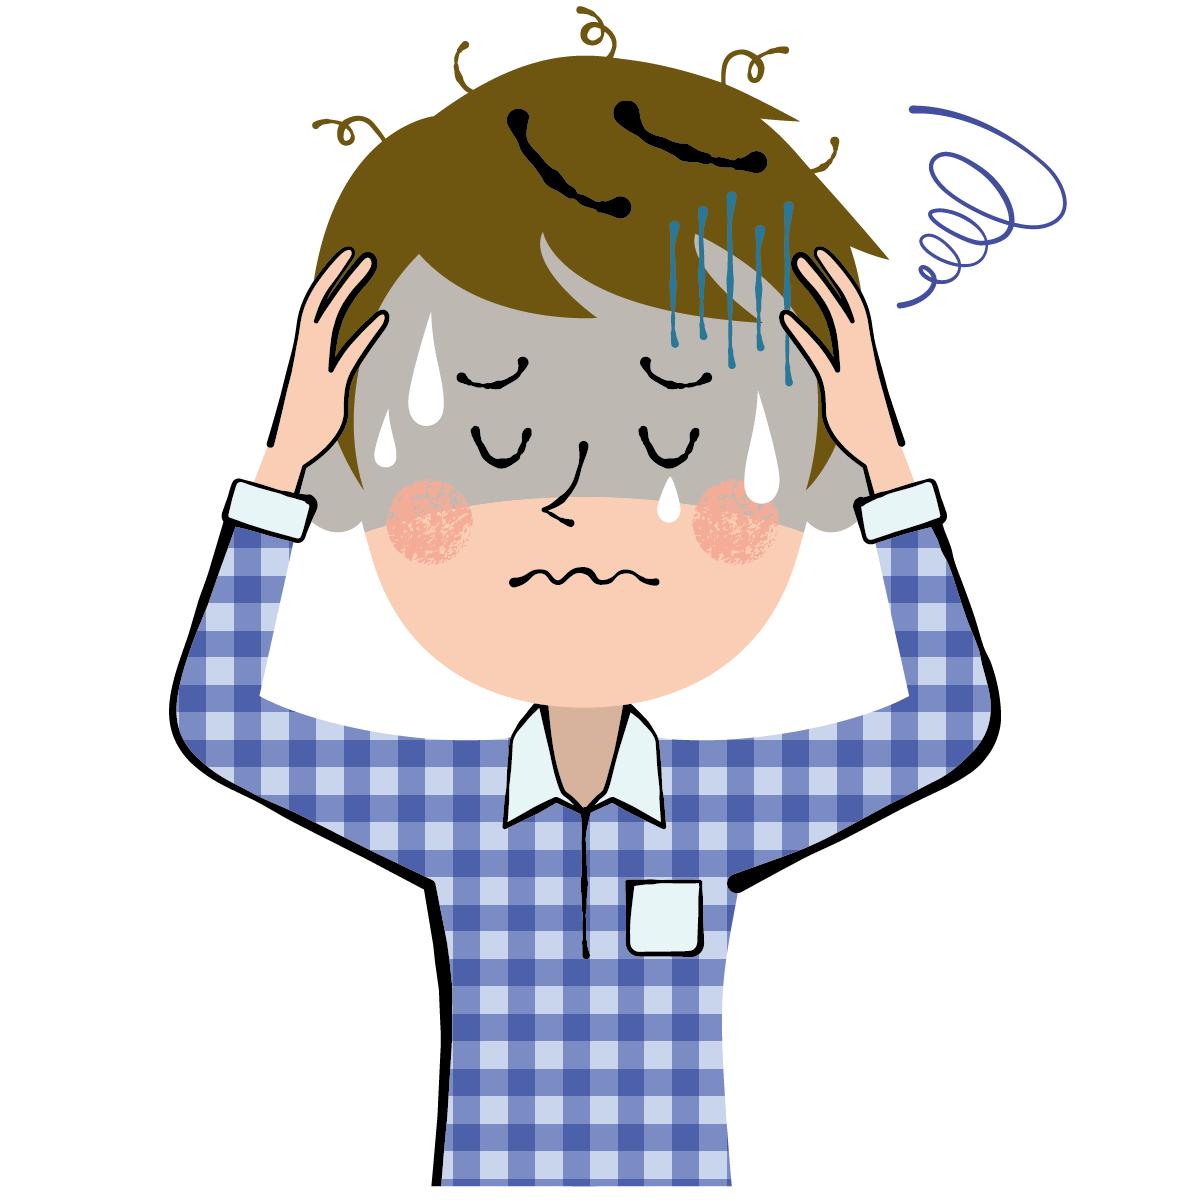 やる気の出ない理由は、やる気を温存して回復に専念させるためであることを表すイラスト